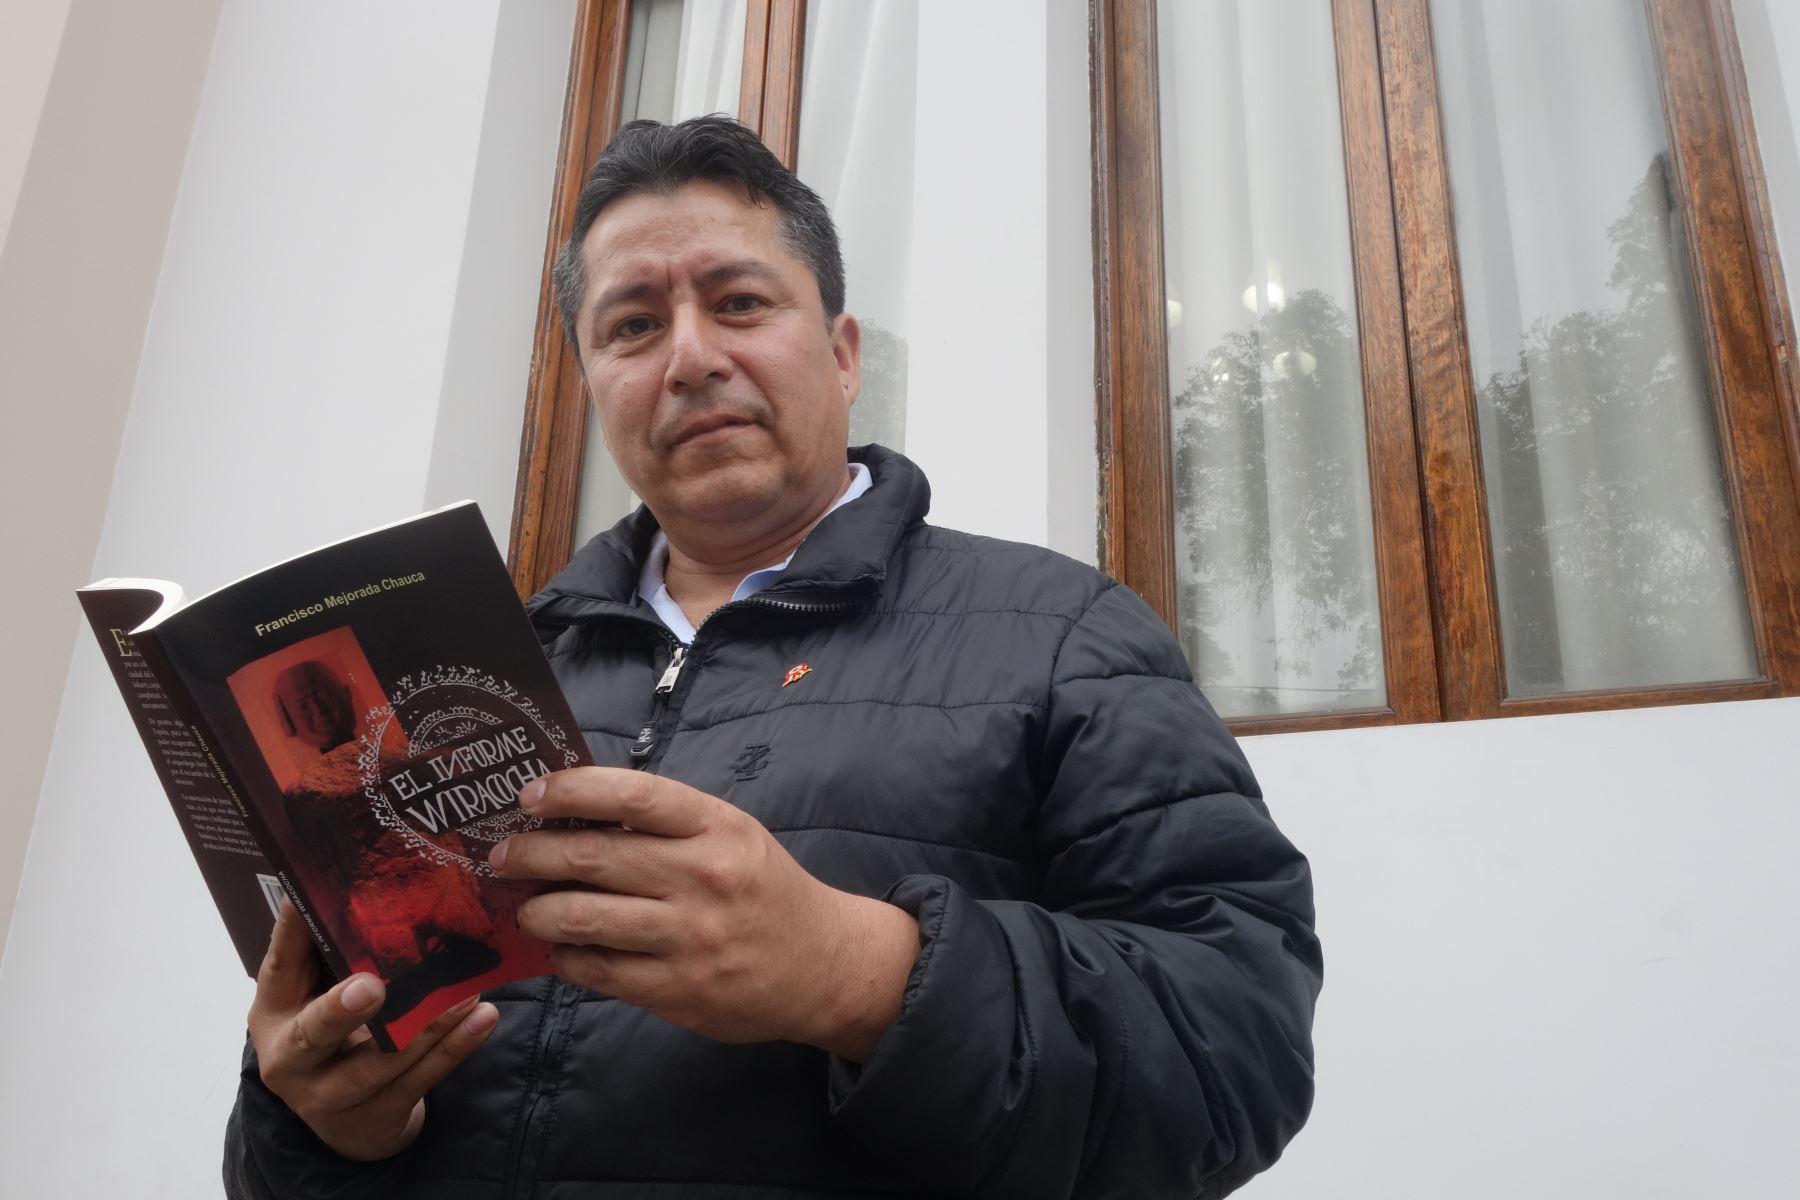 Escritor Francisco Mejorada. Foto: José Vadillo